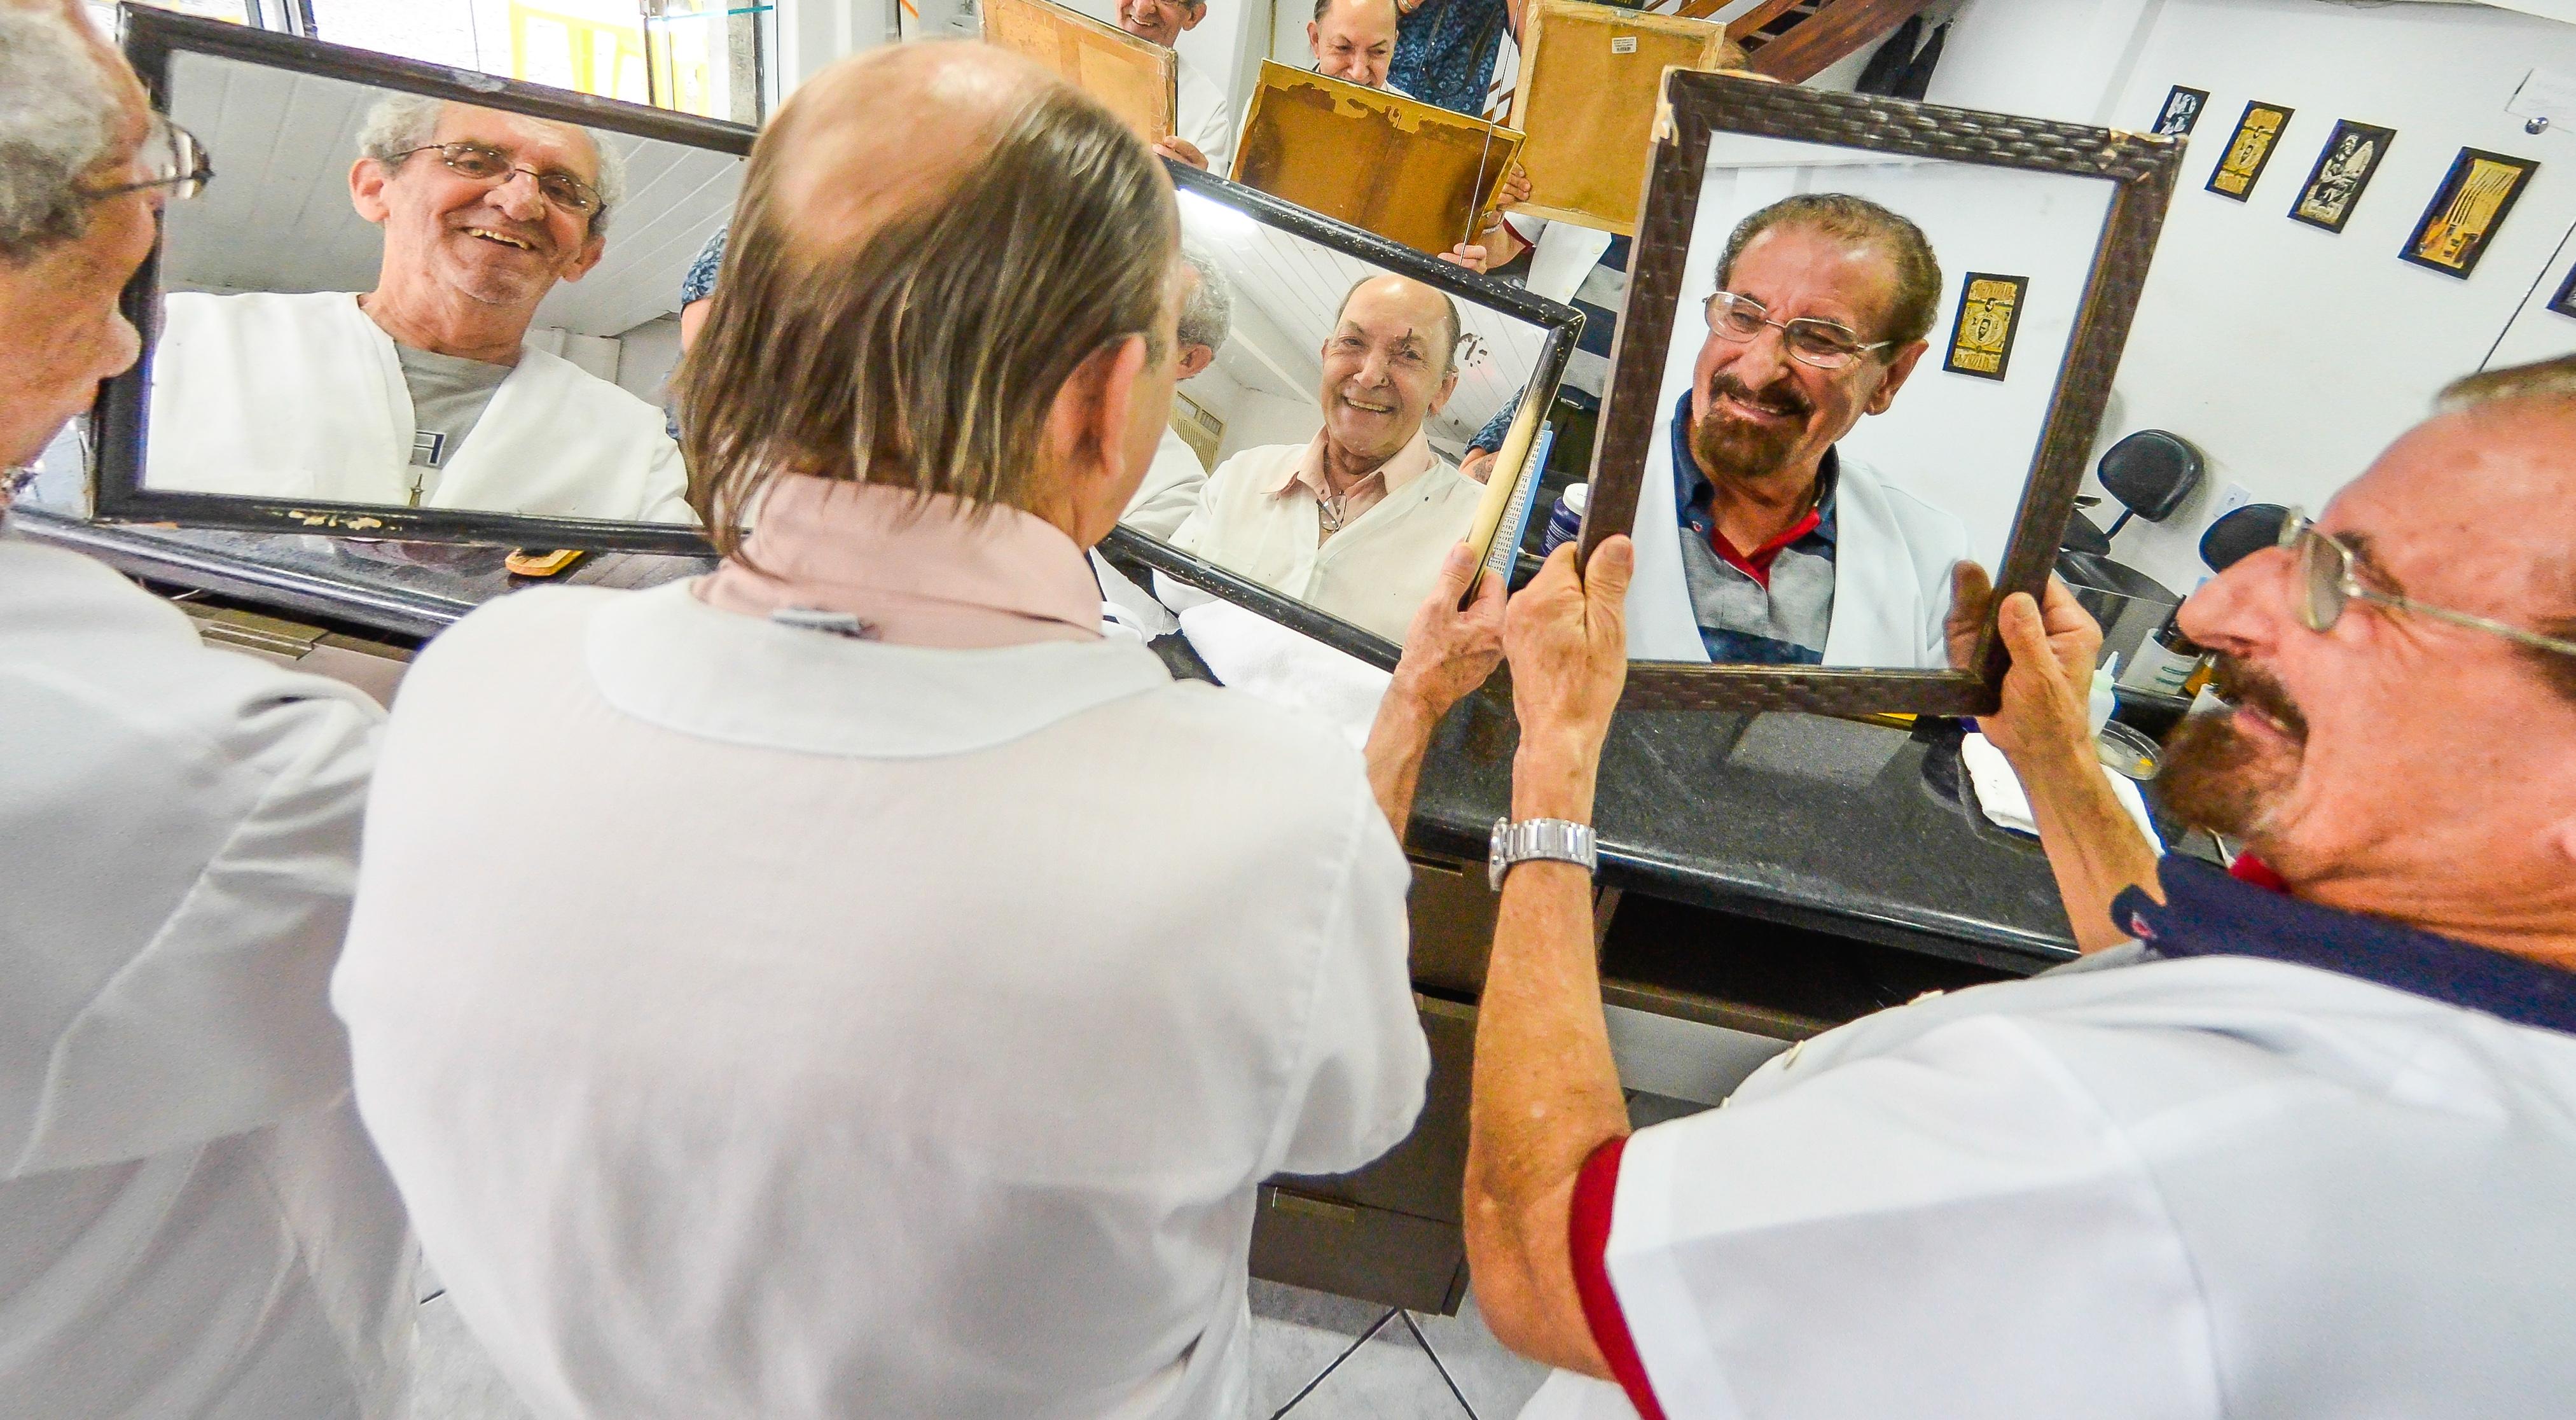 Barbeiros Saulo Costa, José Ivo Coelho e Venicio Martinho mantém os clientes fieis - Joyce Reinert/ND